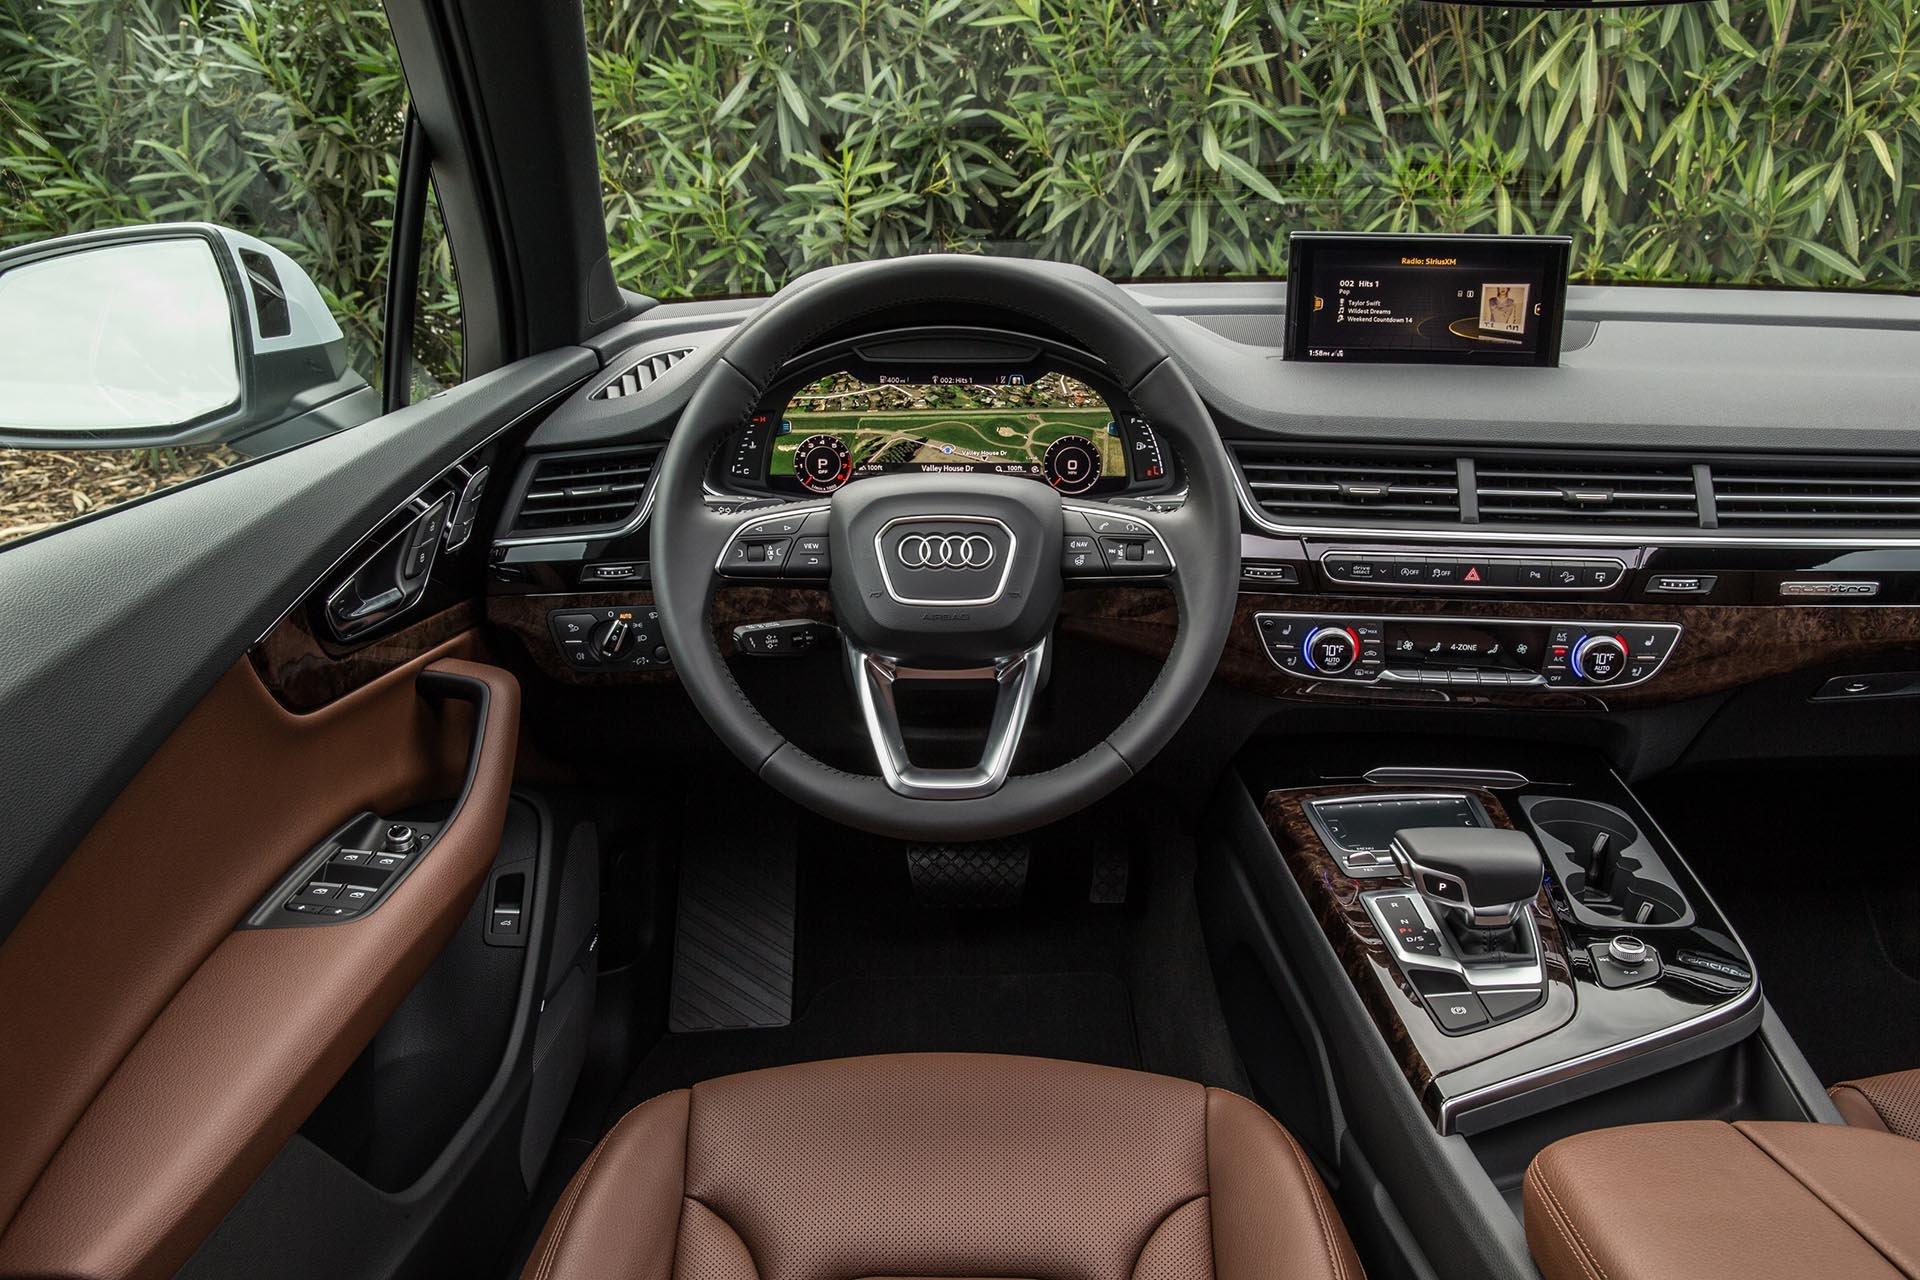 11_2017 Audi Q7 interior